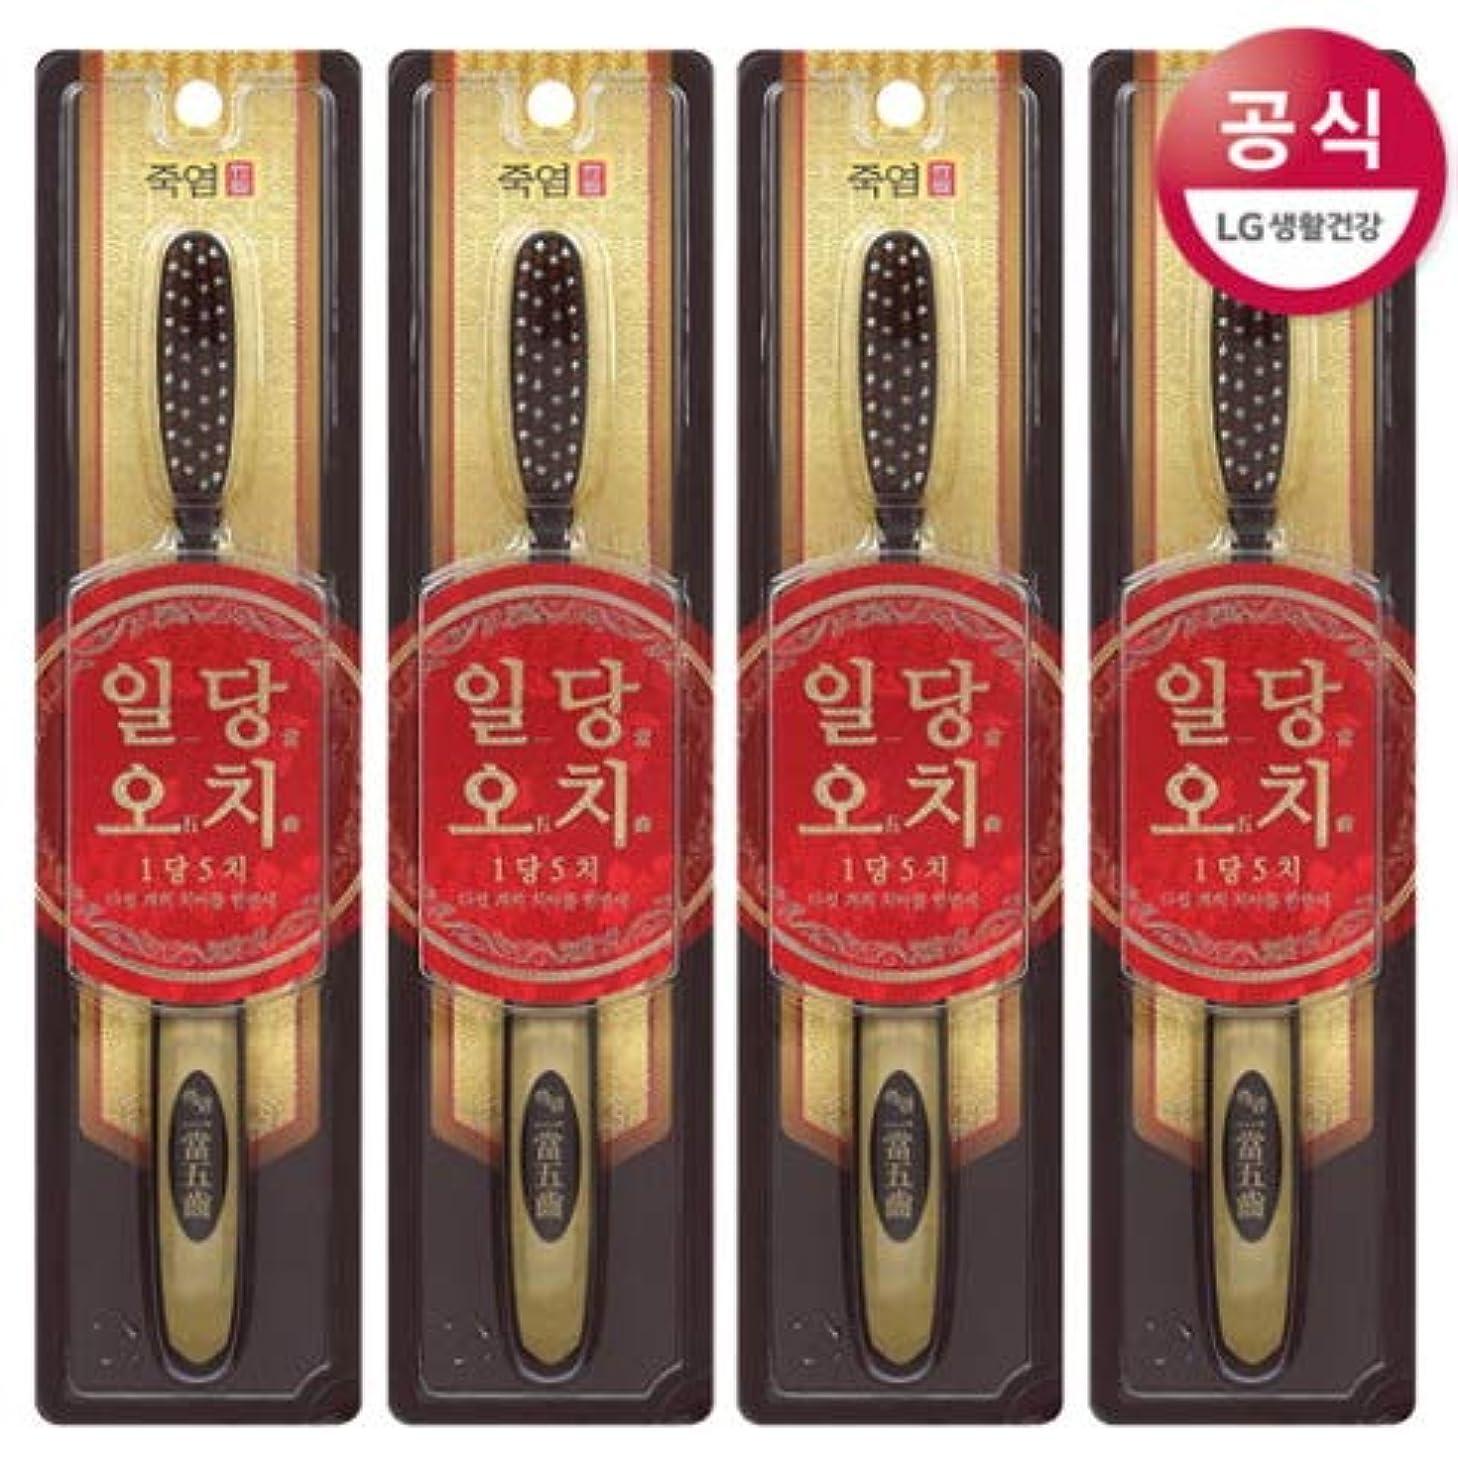 物思いにふける防腐剤ドレス[LG HnB] Bamboo Salt Oodi toothbrush/竹塩日当越智歯ブラシ 5つの(海外直送品)